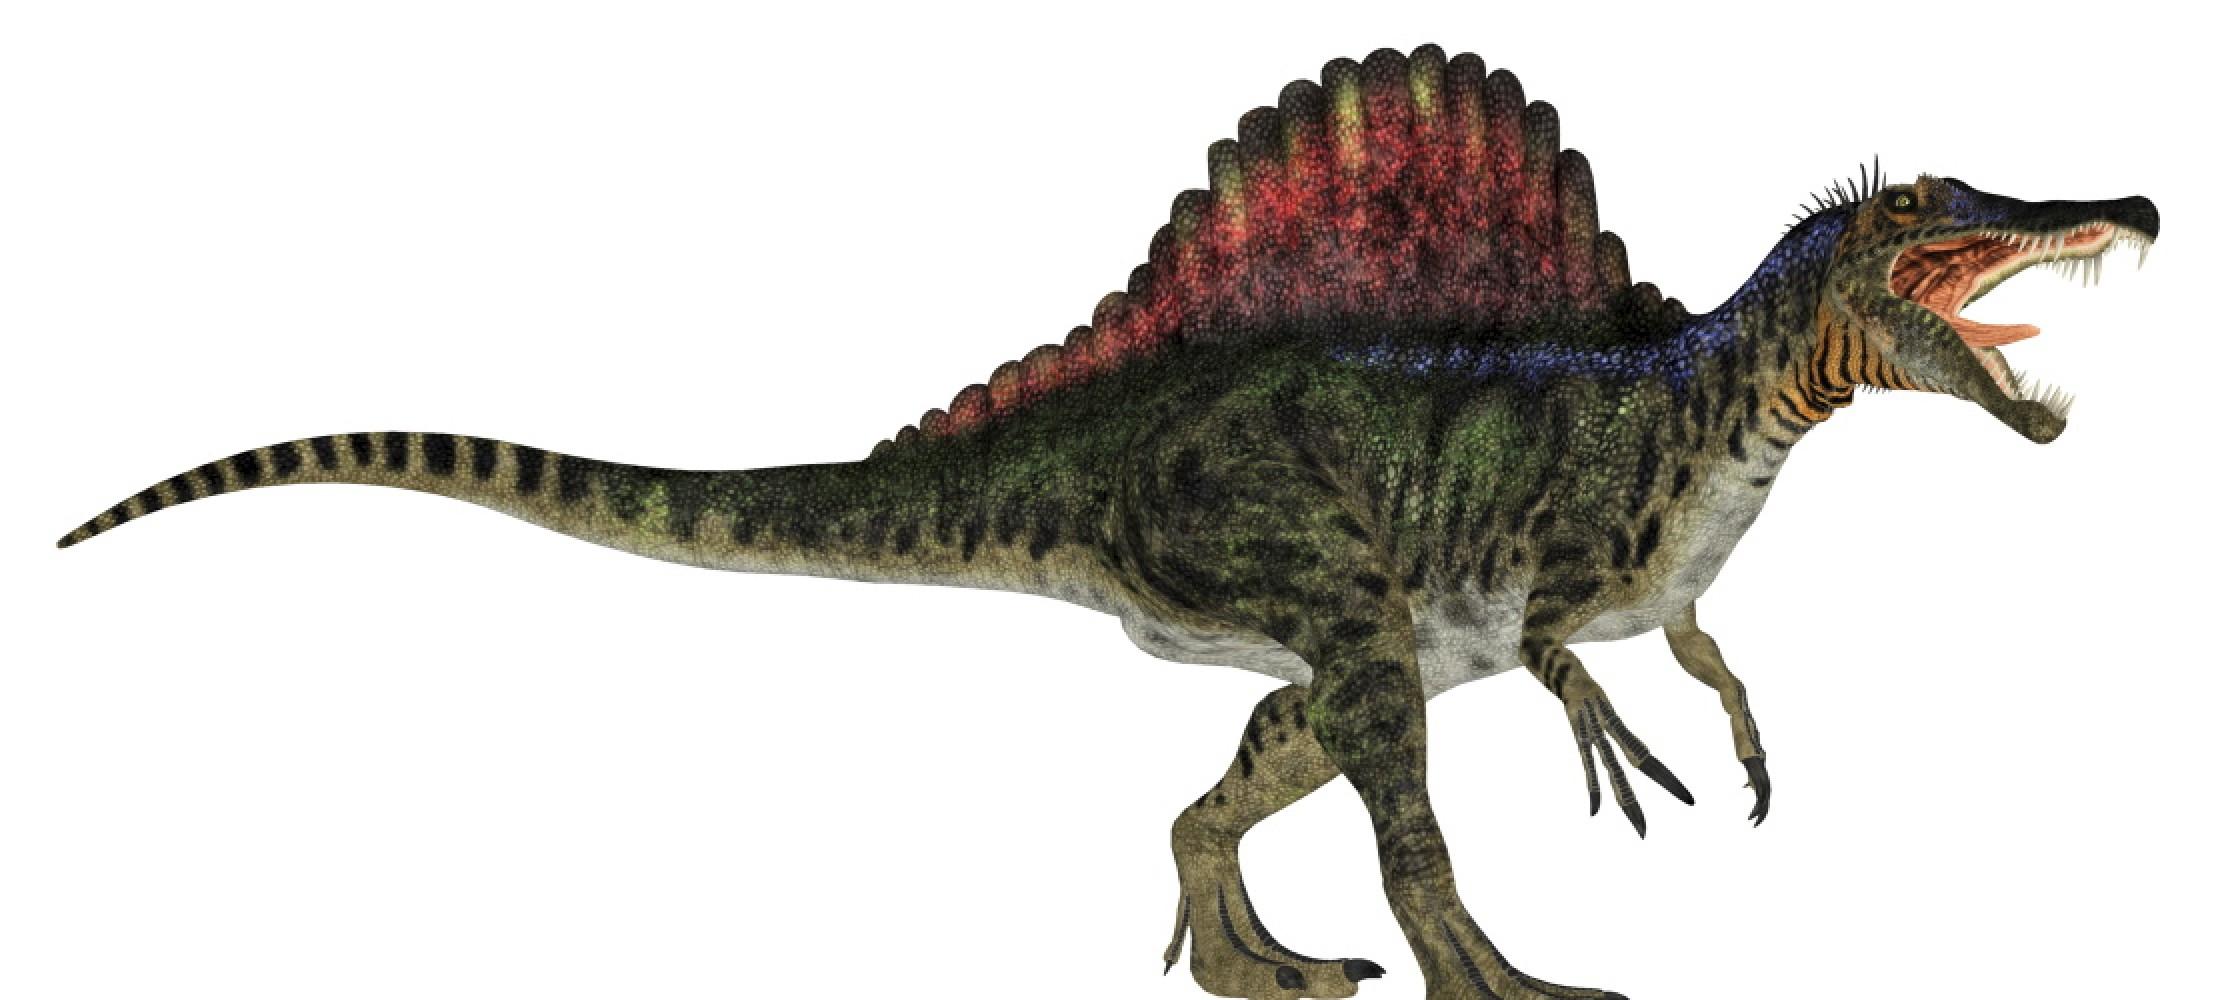 Was Du Über Dinosaurier Wissen Musst   Duda.news in Dinosaurier Namen Und Bilder